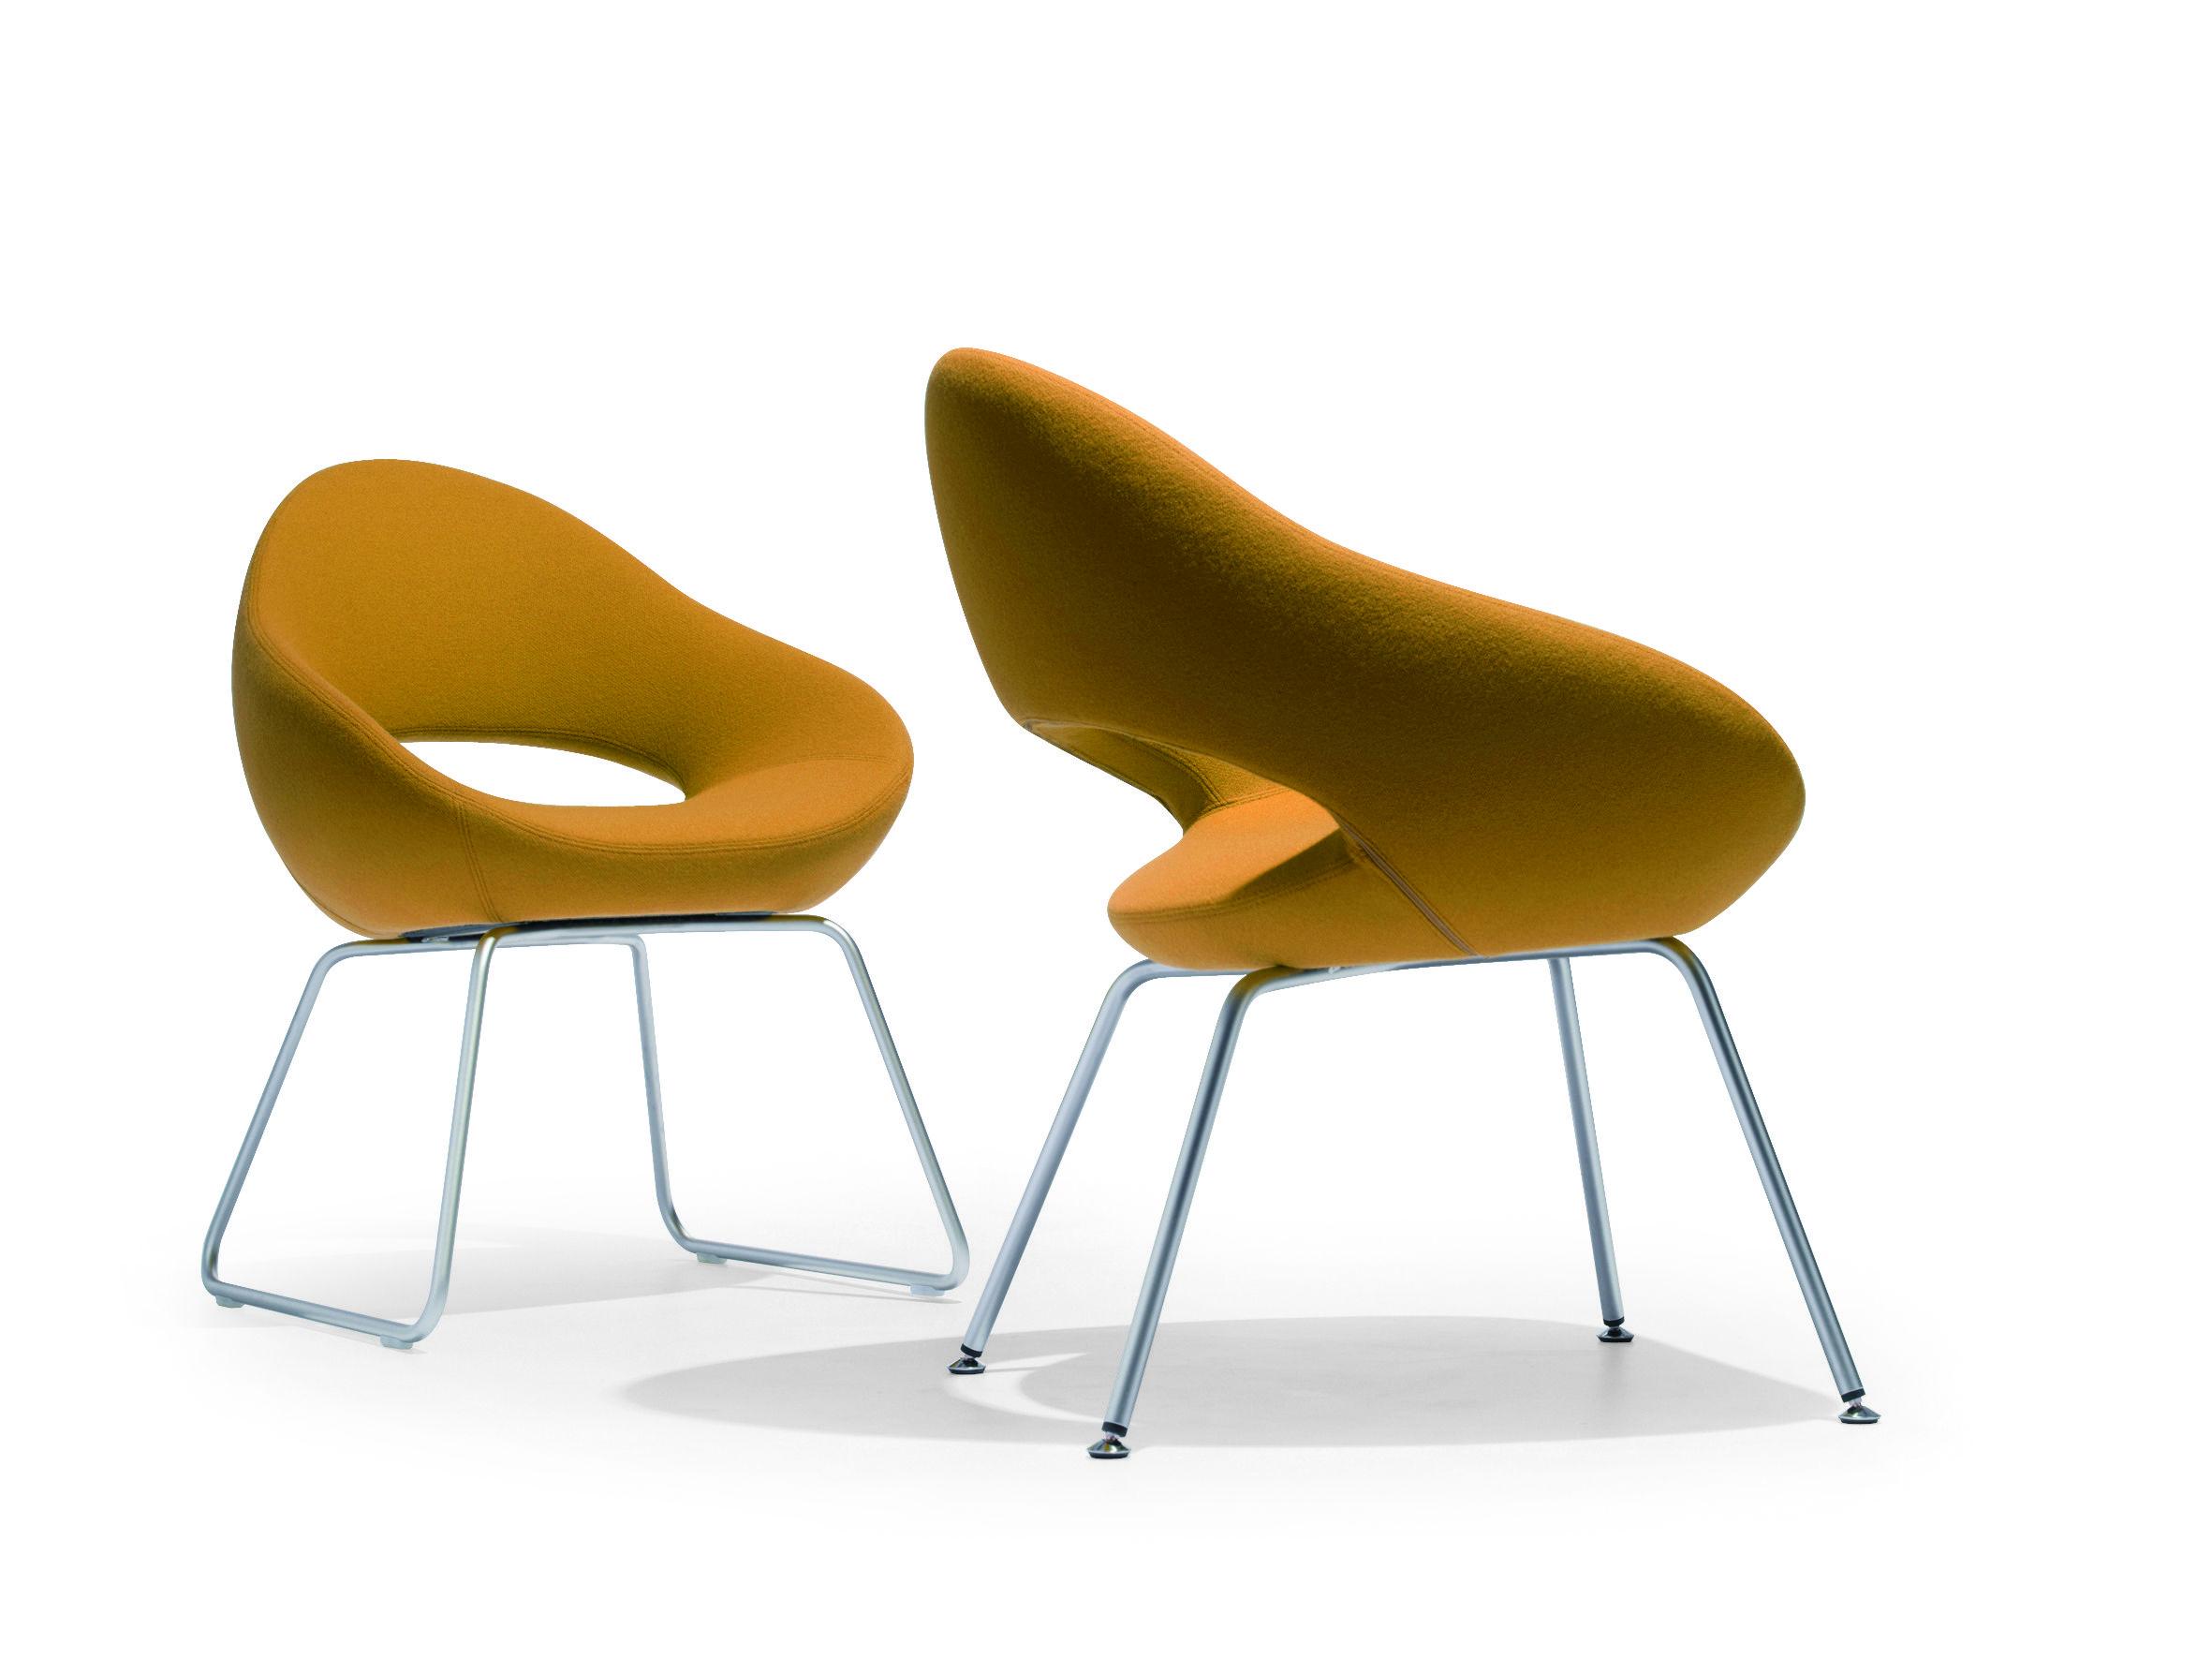 Sedie Sintesi ~ Sedia webs q by sintesi http: www.keihome.it tavoli e sedie sedie